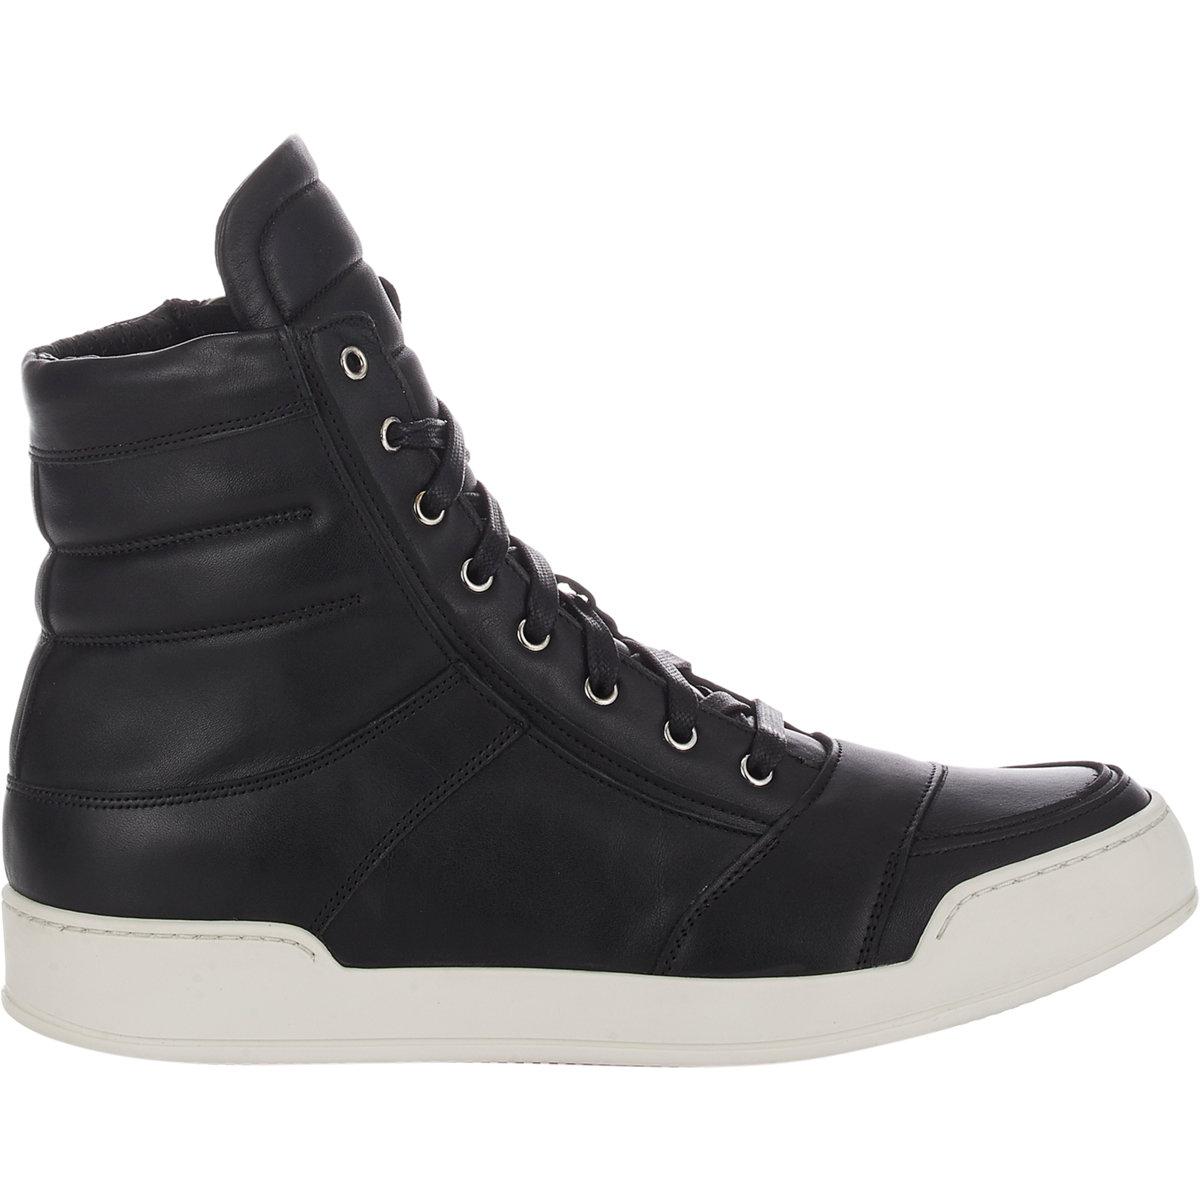 b30ee0b9094 Lyst - Balmain Men's Perforated High-top Sneakers in Black for Men